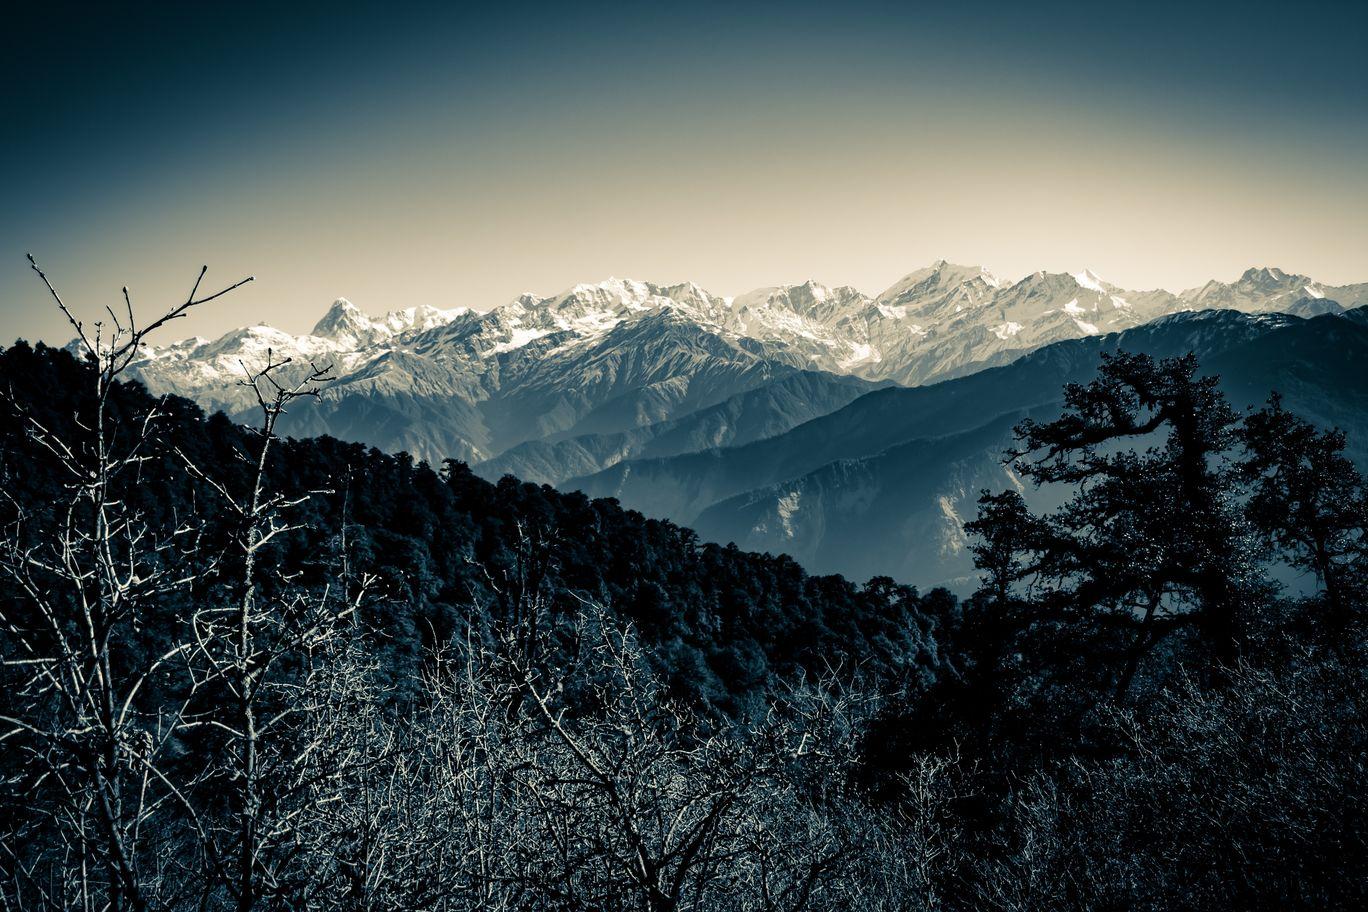 Photo of Dayara Bugyal By kamrankhan112